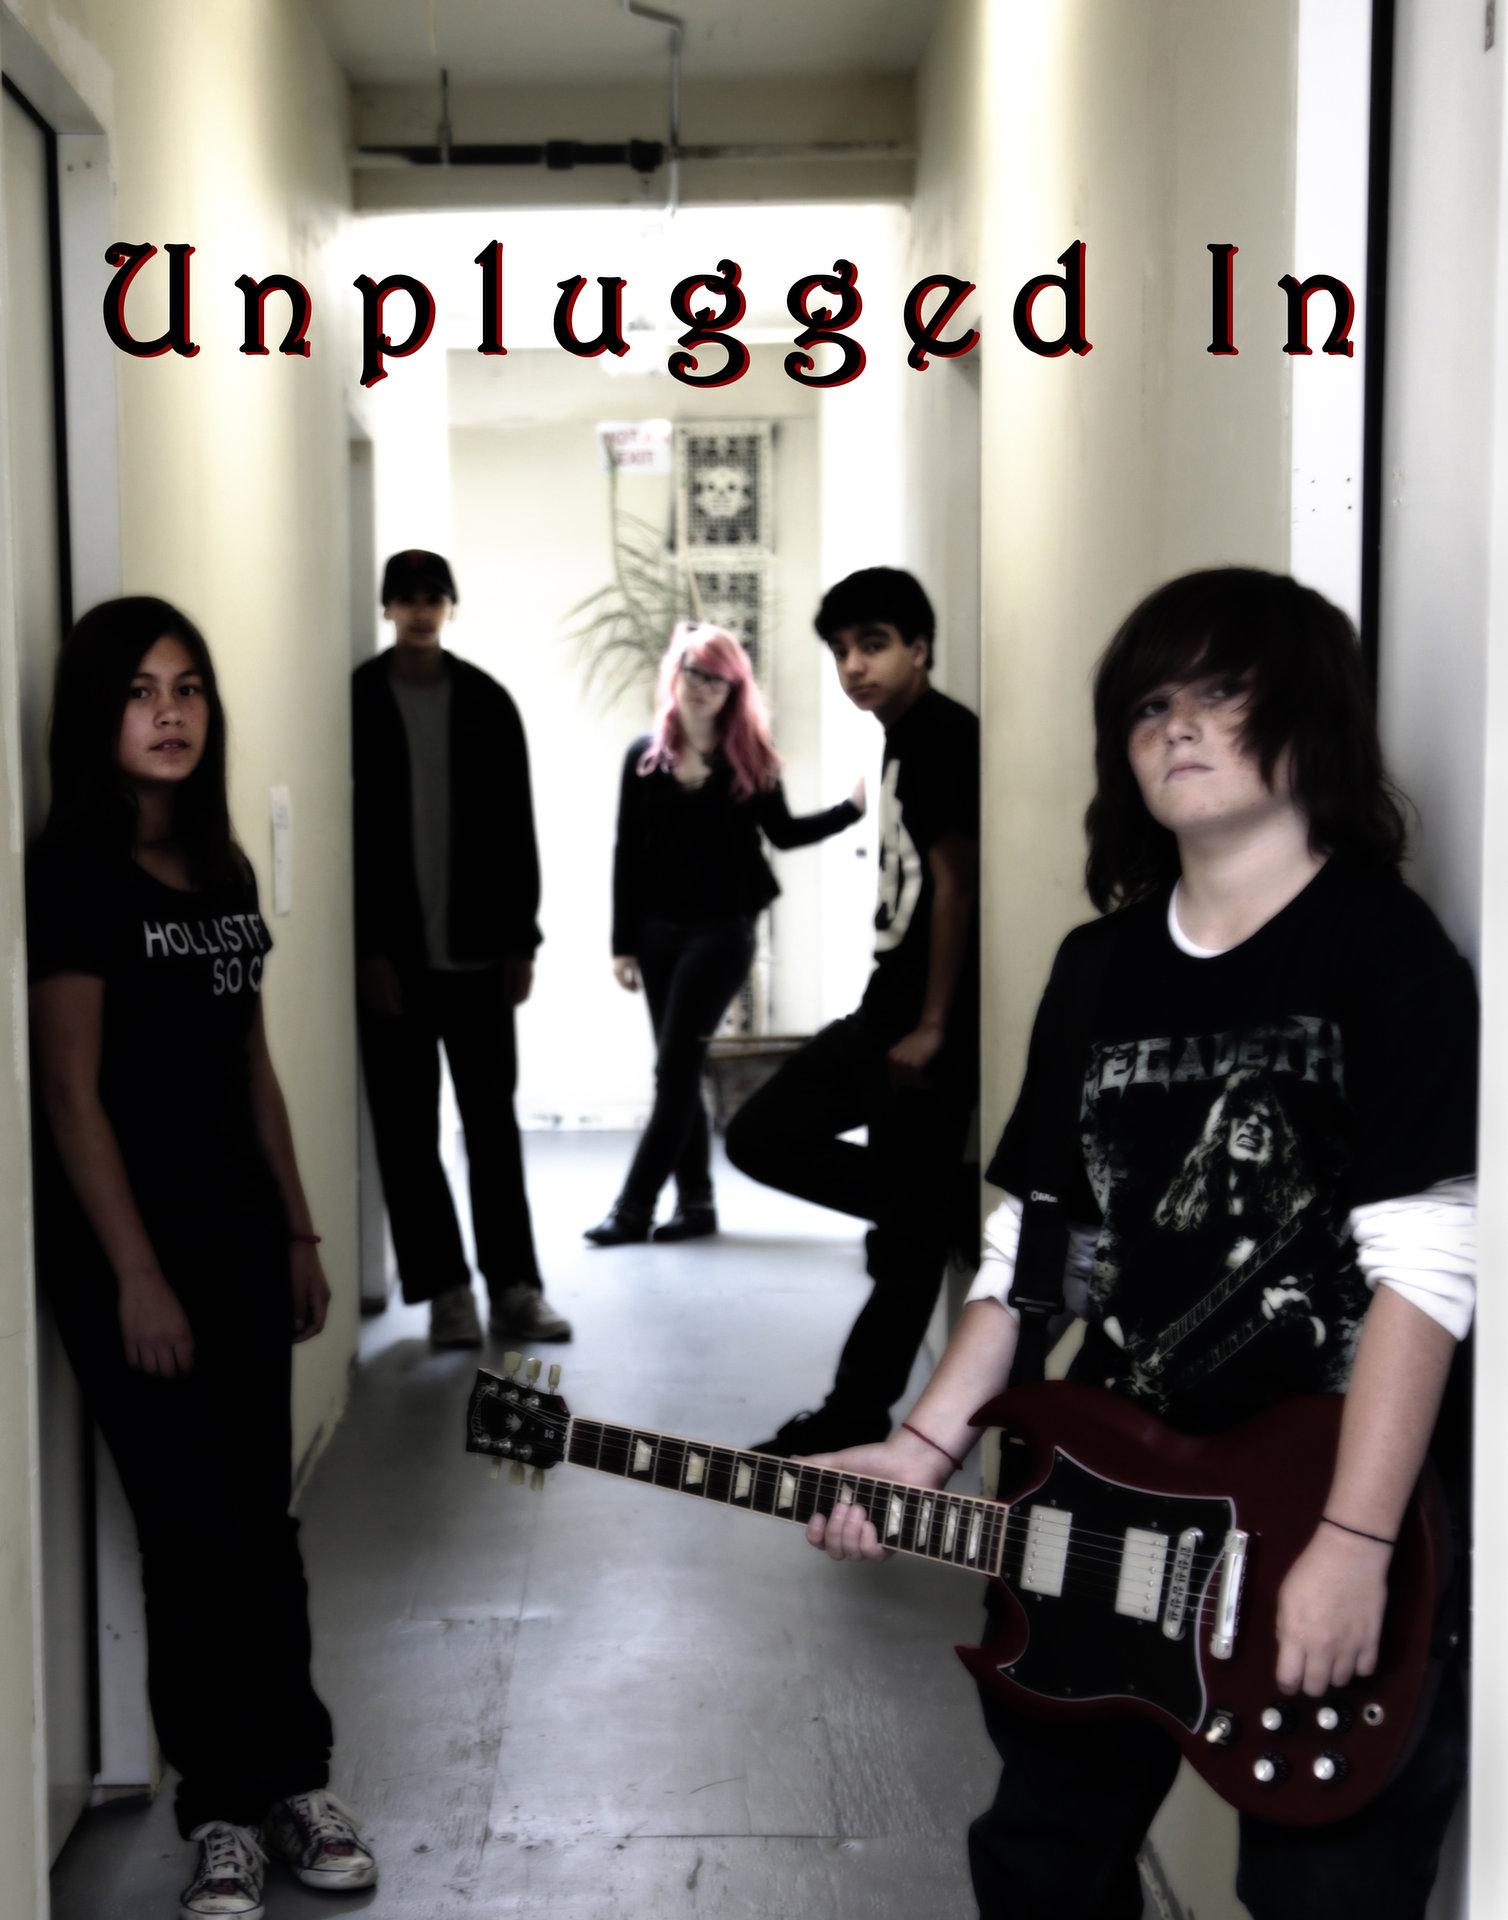 UnpluggedIn.jpg